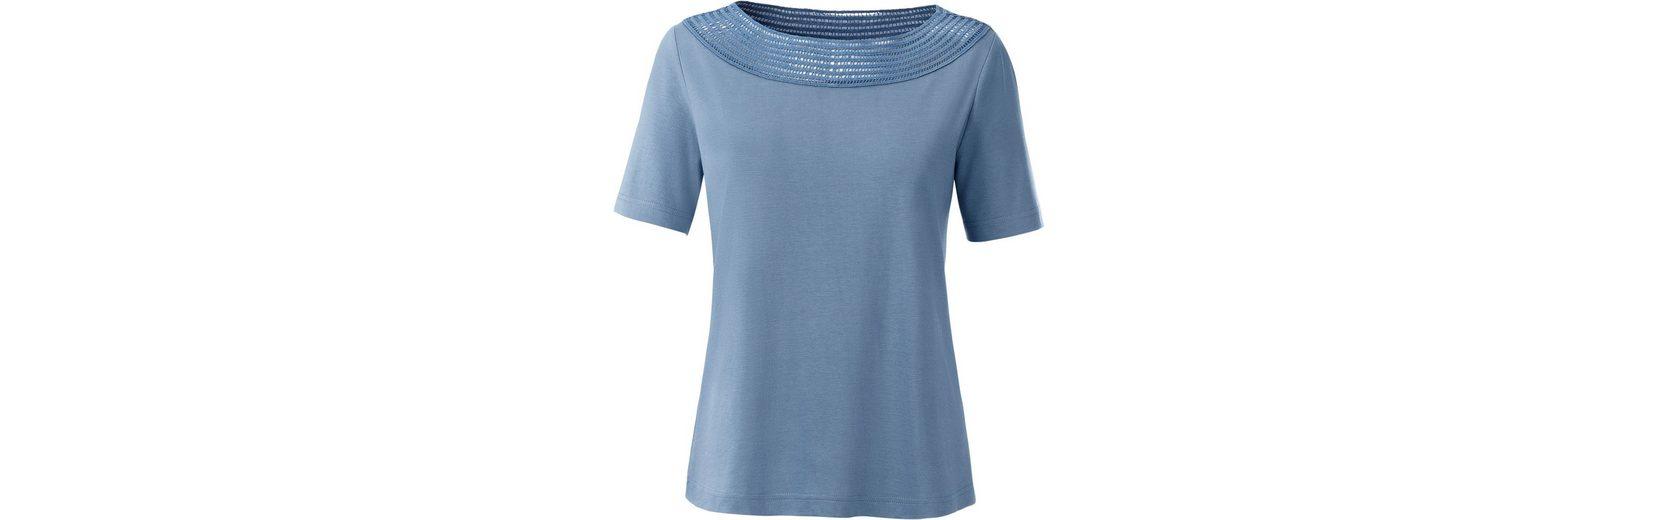 Collection L. Shirt mit Spitzendurchbruch Rabatt Gutes Verkauf Professionelle Online Günstig Kauft Besten Platz Günstige Top-Qualität Günstig Kaufen 2018 Neue myOdd